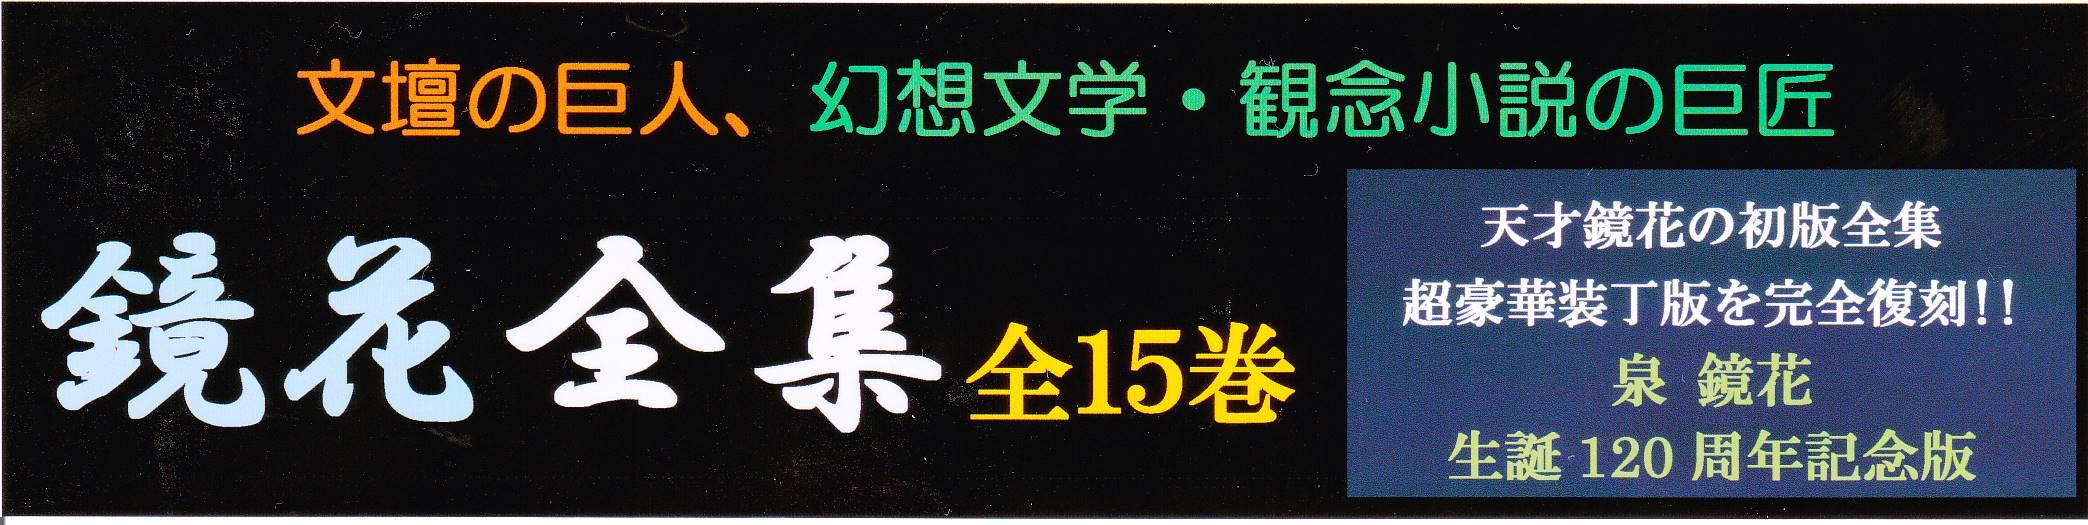 鏡花HPロゴ